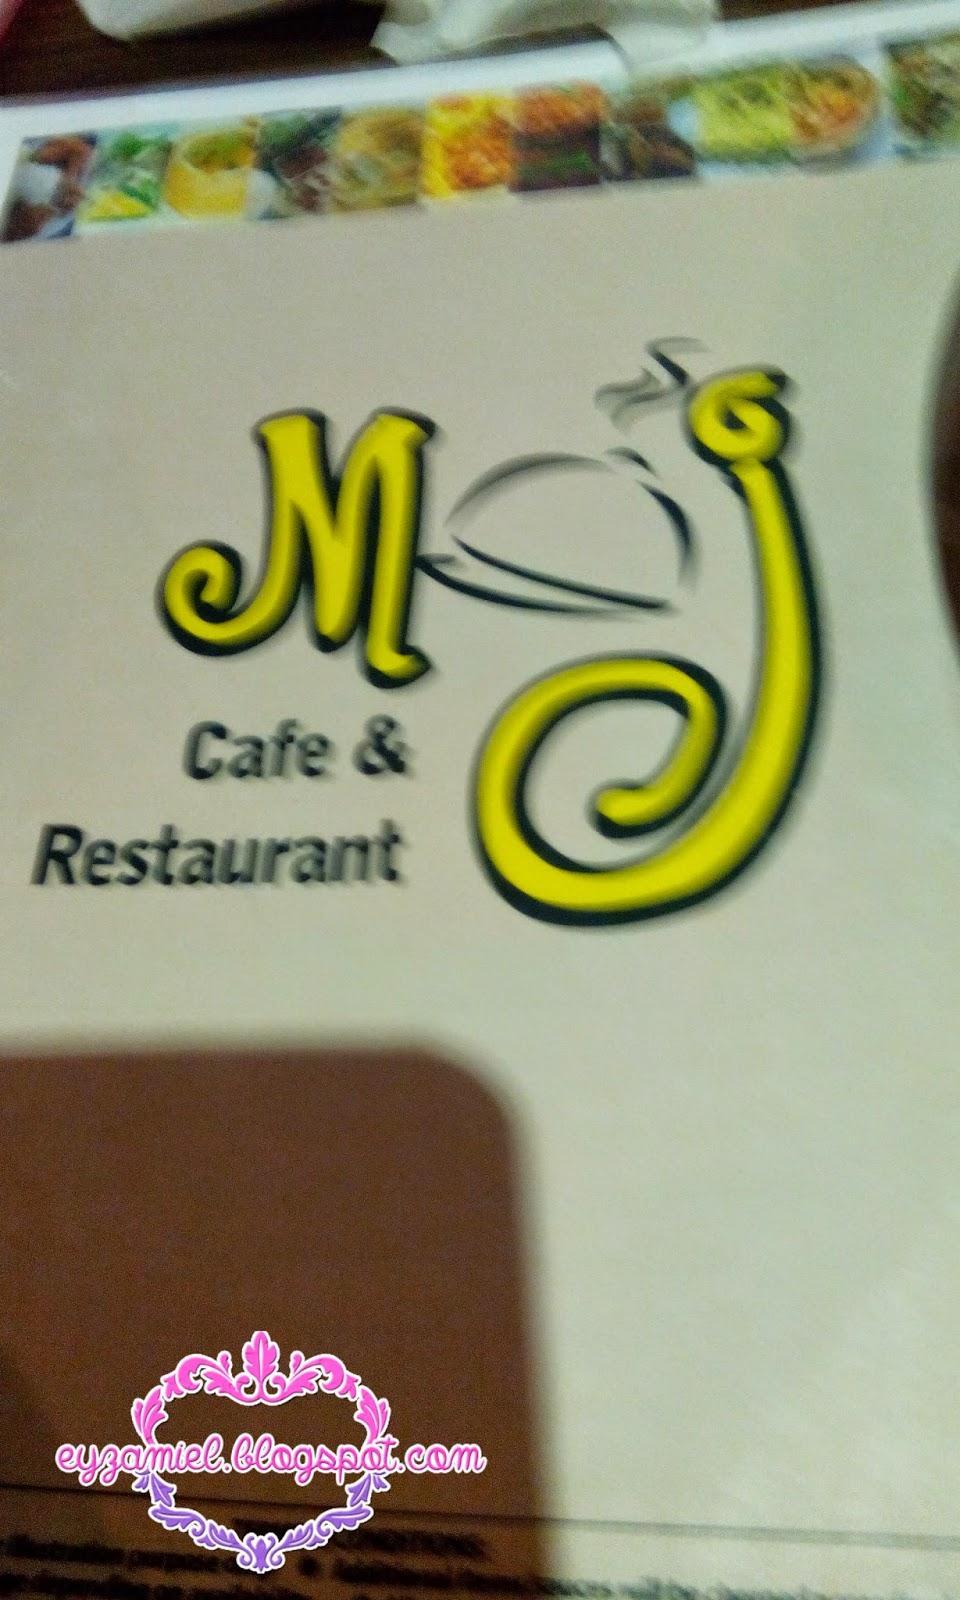 Makan-makan di MJ Cafe & Restaurant, Kenanga